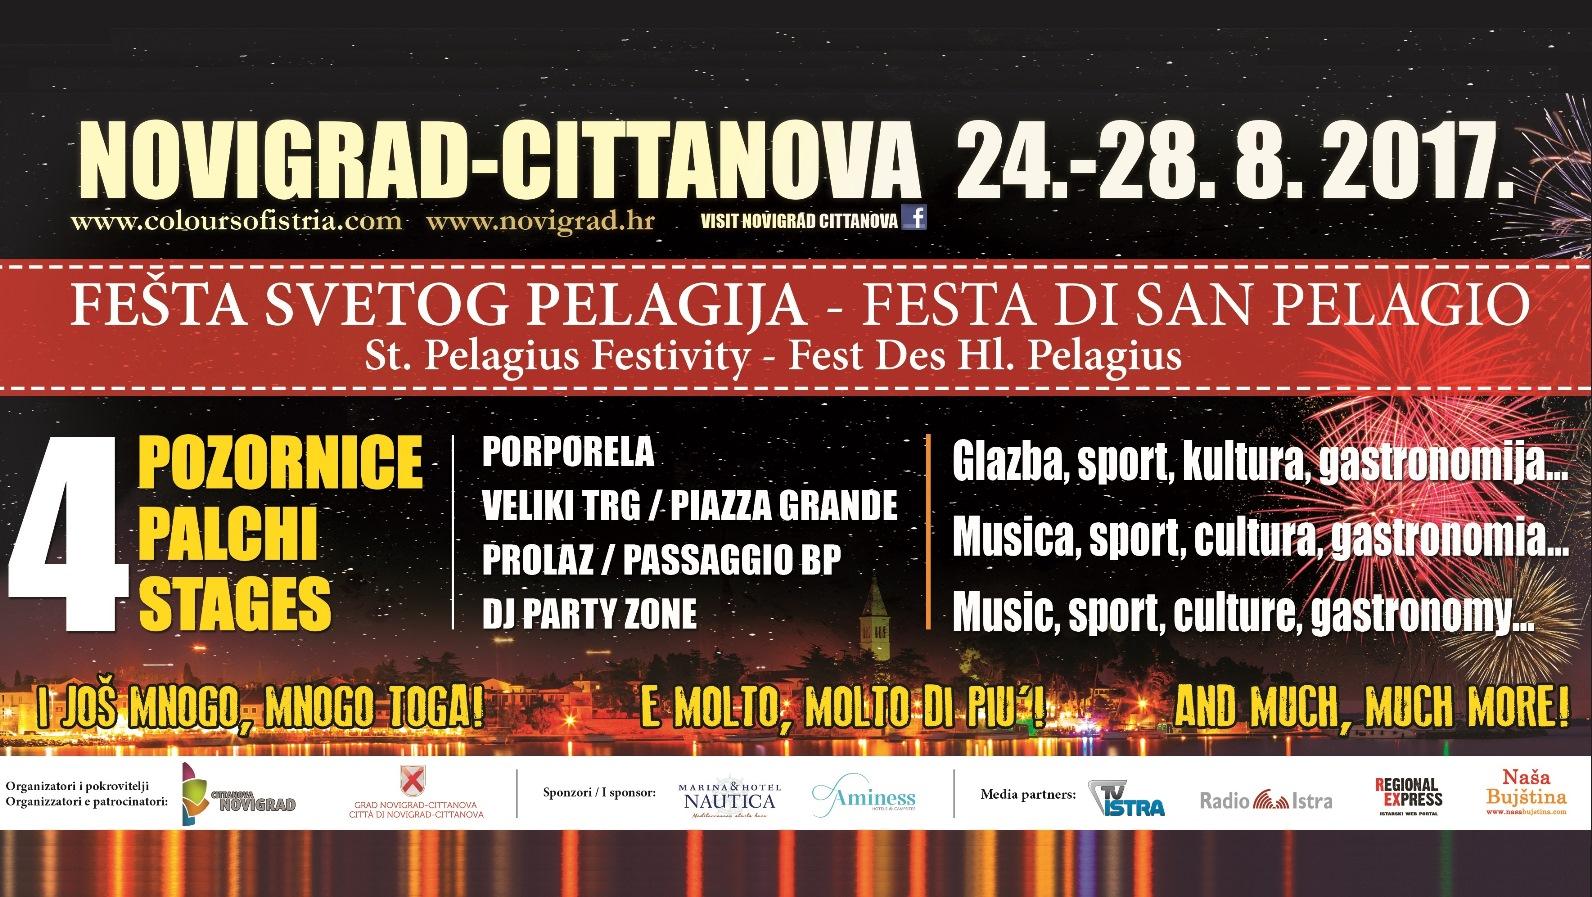 http://www.novigrad.hr/ricco_il_programma_della_festa_di_san_pelagio